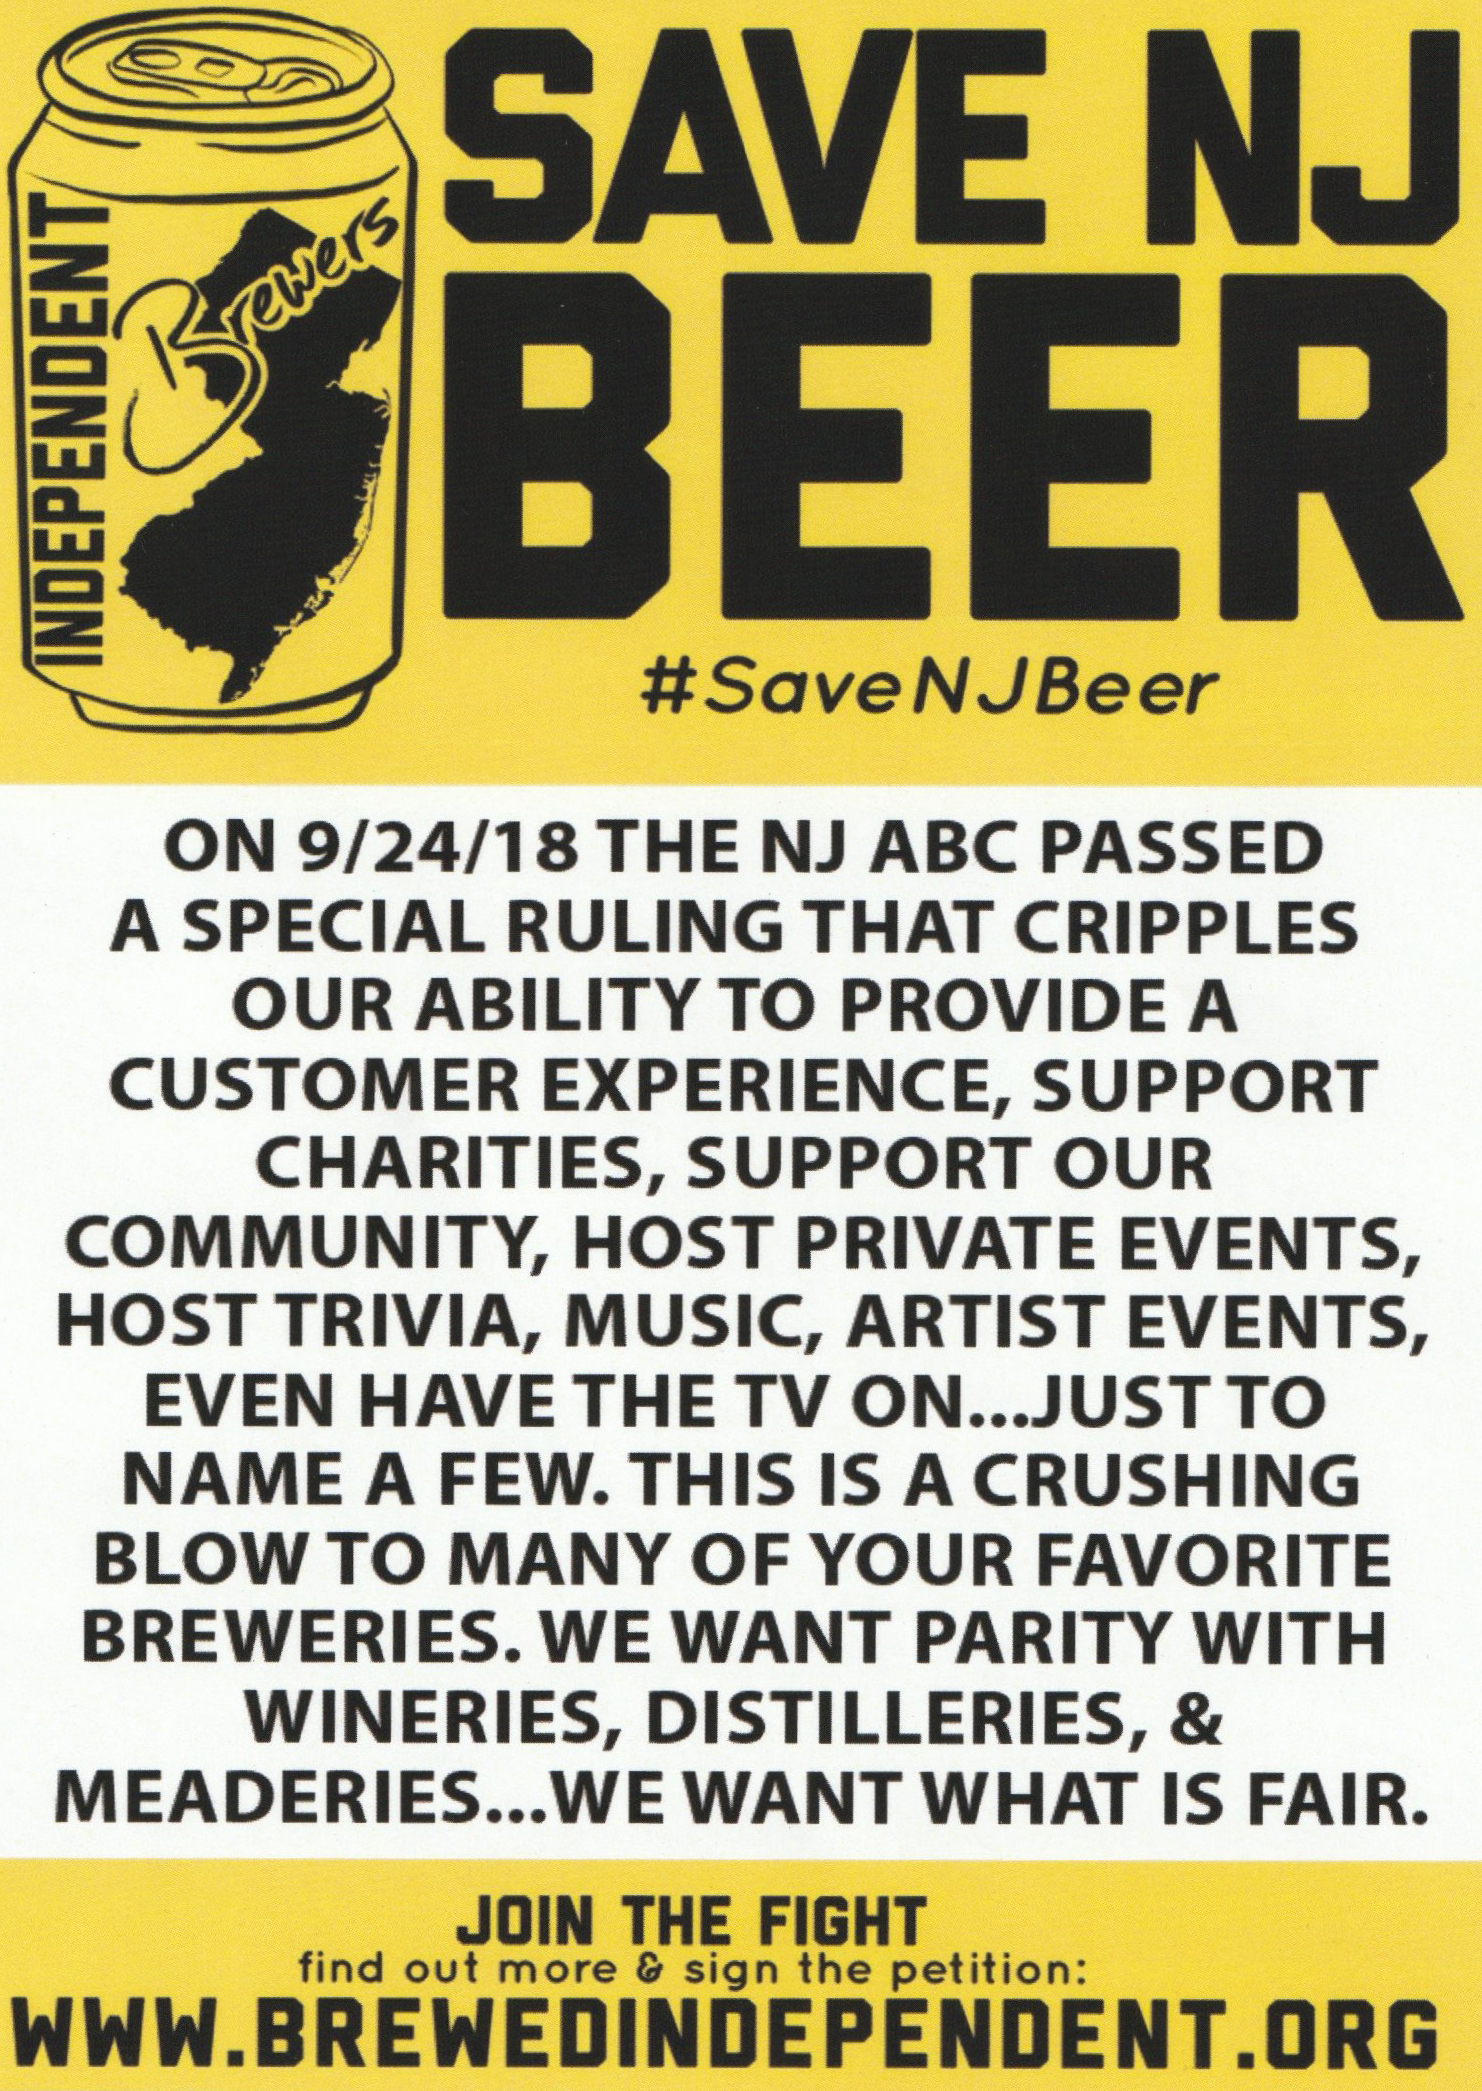 www.brewedindependent.org